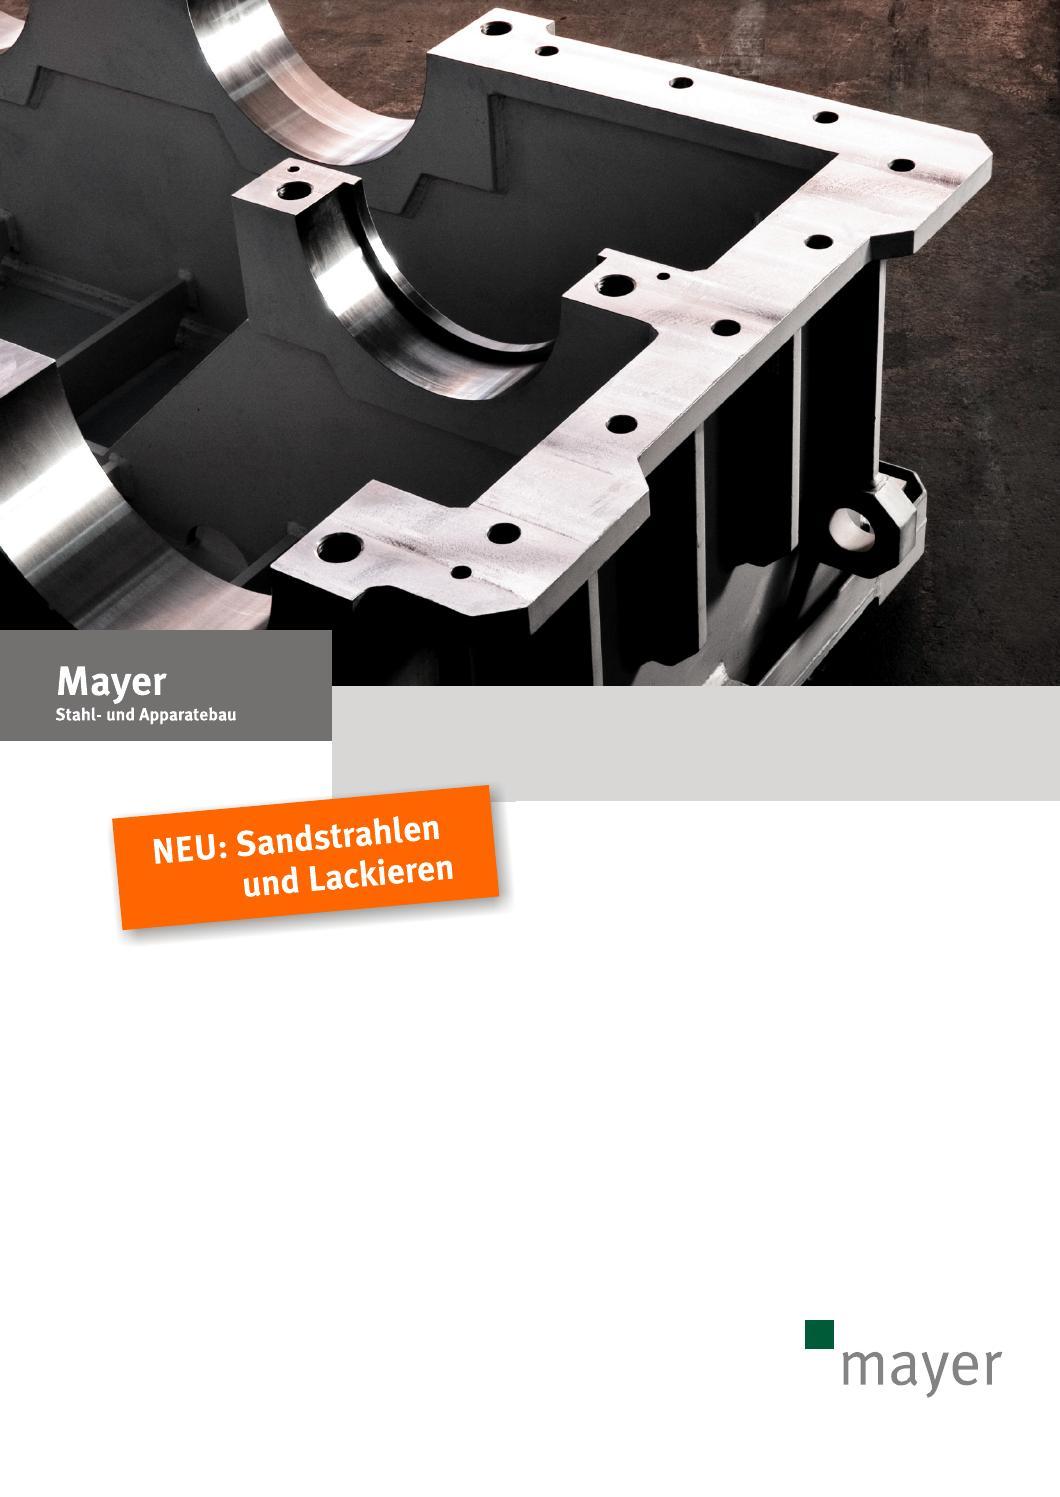 mayer stahl- und apparatebau sandstrahlen und lackieren by mayer - issuu